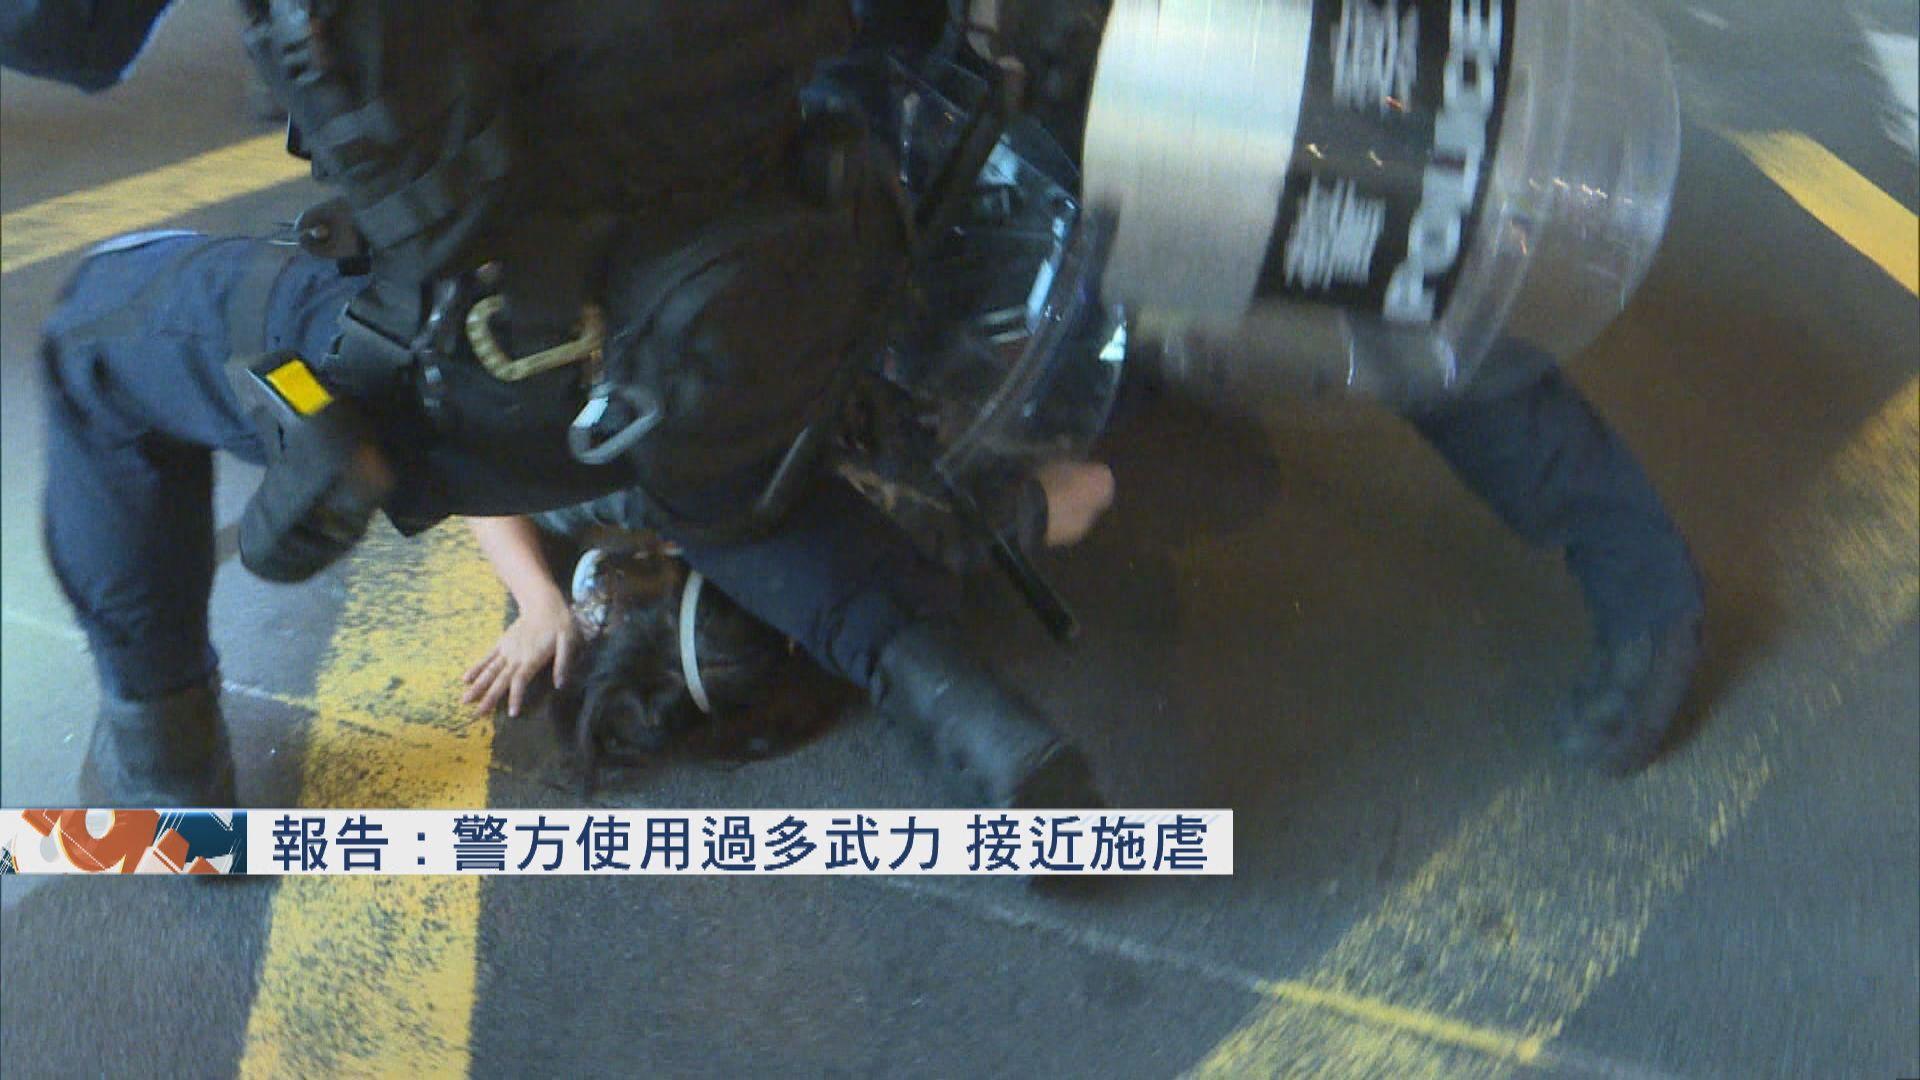 國際特赦組織報告:警方使用過多武力 接近施虐